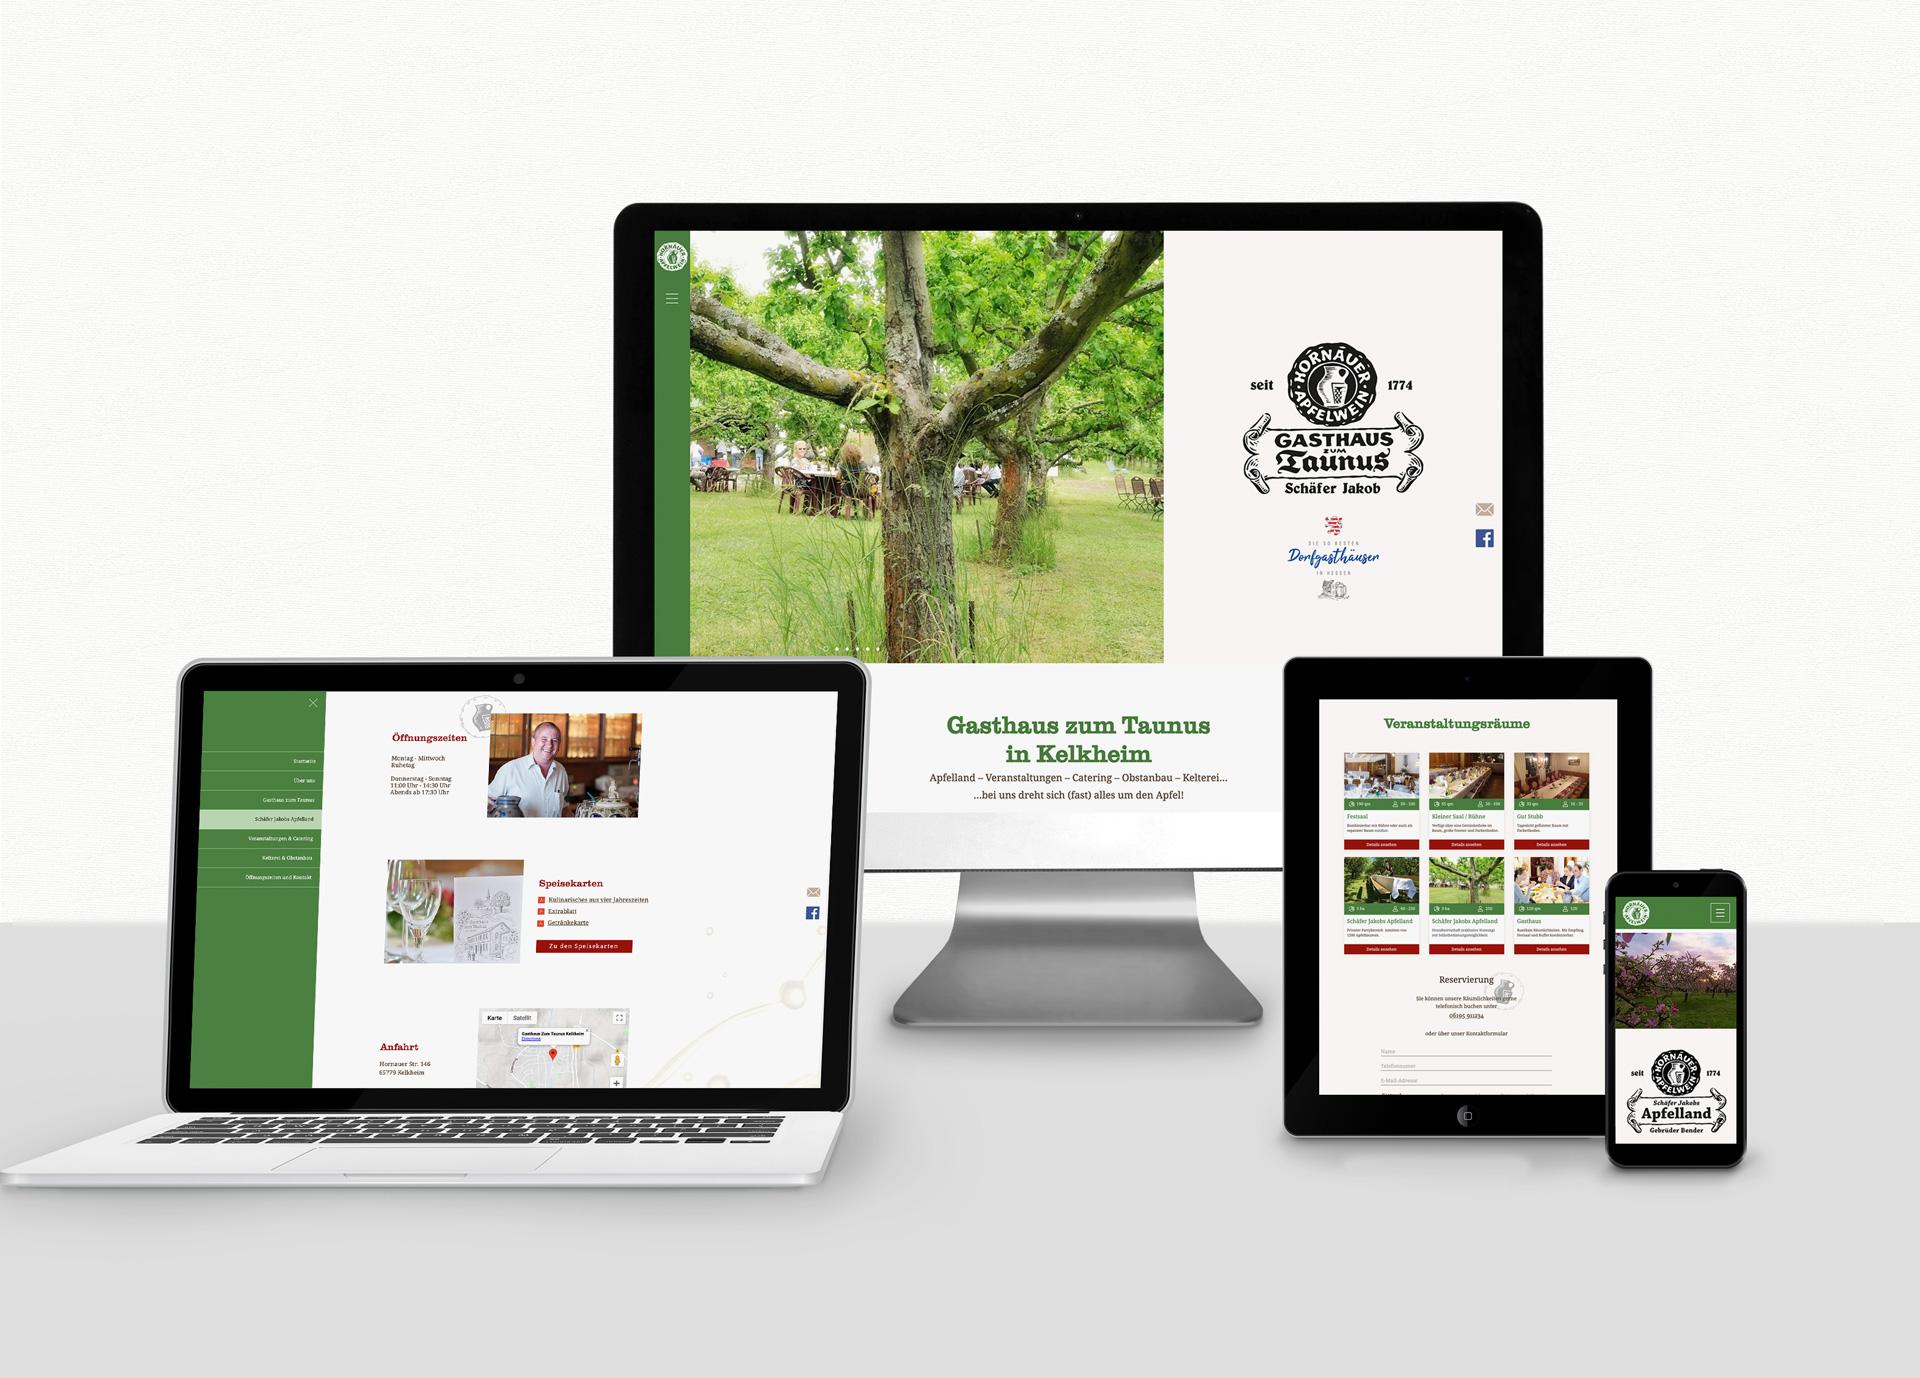 Erfolgreiche Markenkommunikation mithilfe des neuen Webdesign